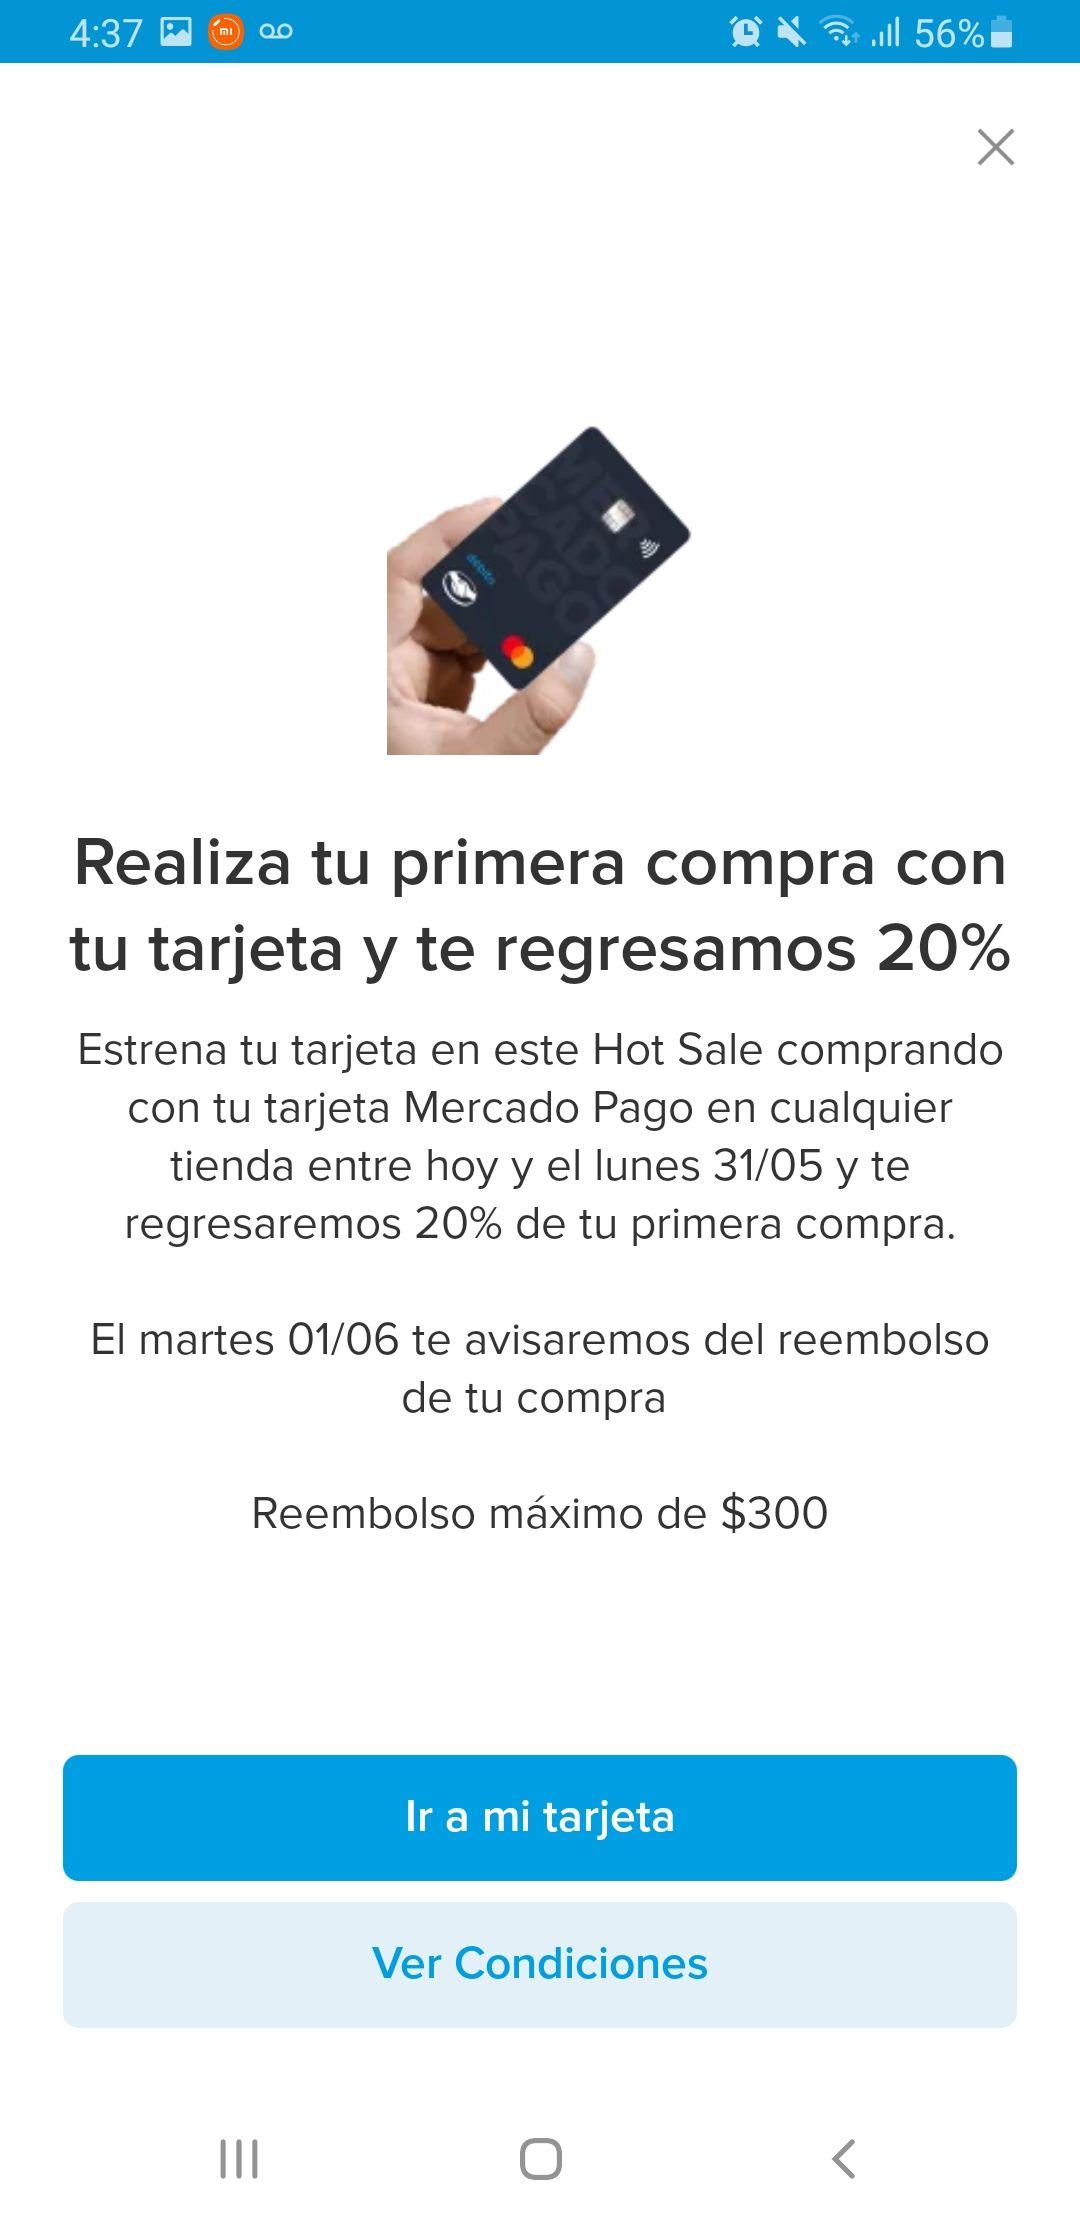 Mercado pago: 20% rembolso en tu primer compra del hot sale con tarjeta Mercado Pago, máximo $300